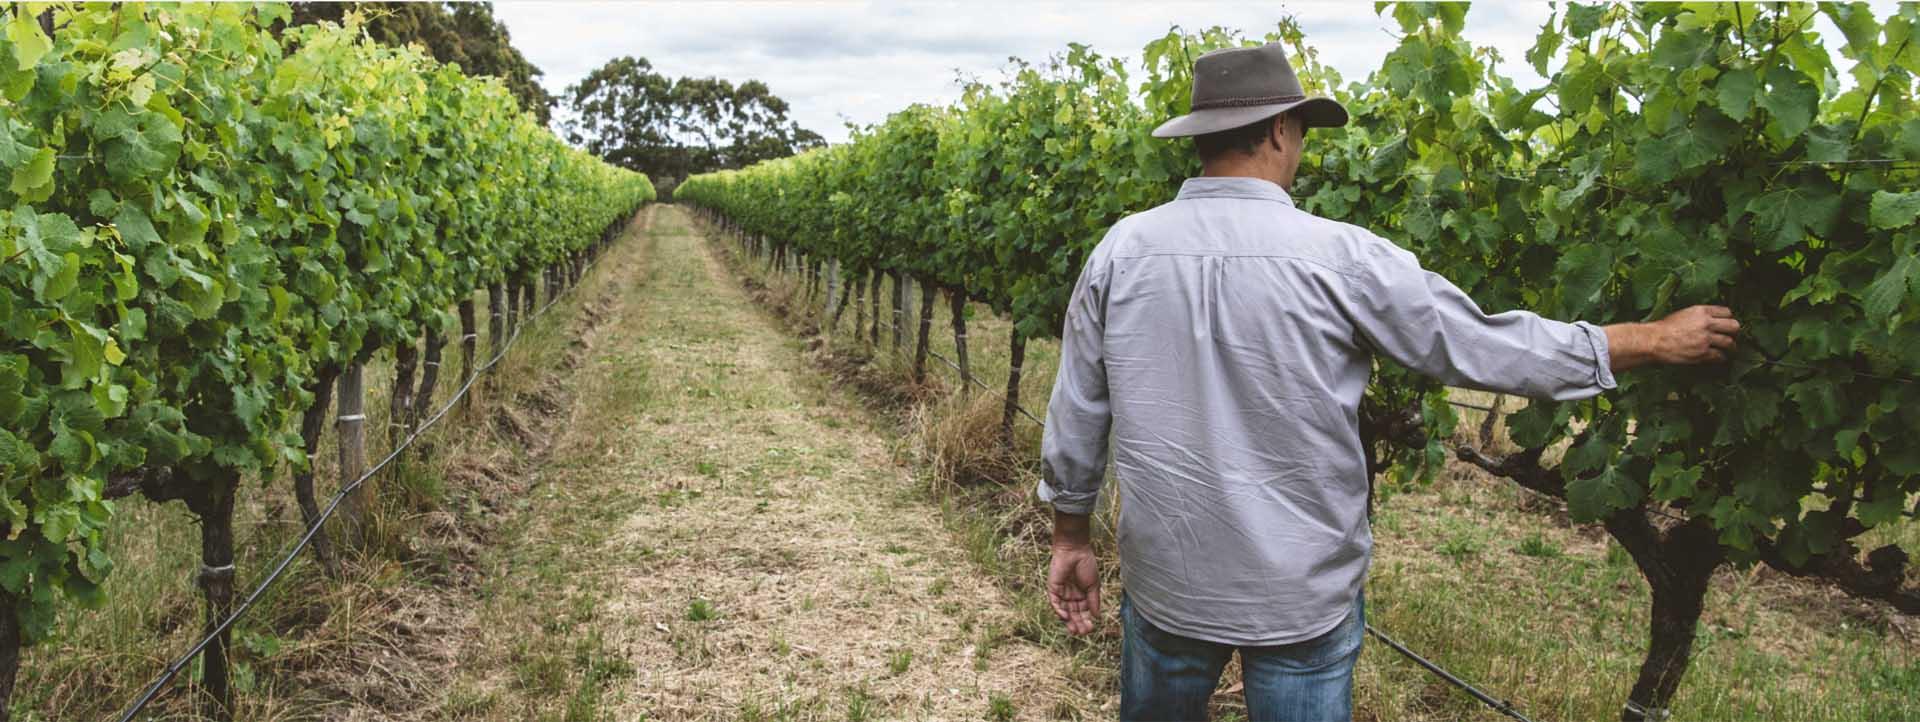 VOYAGER ESTATE vineyards worker vines